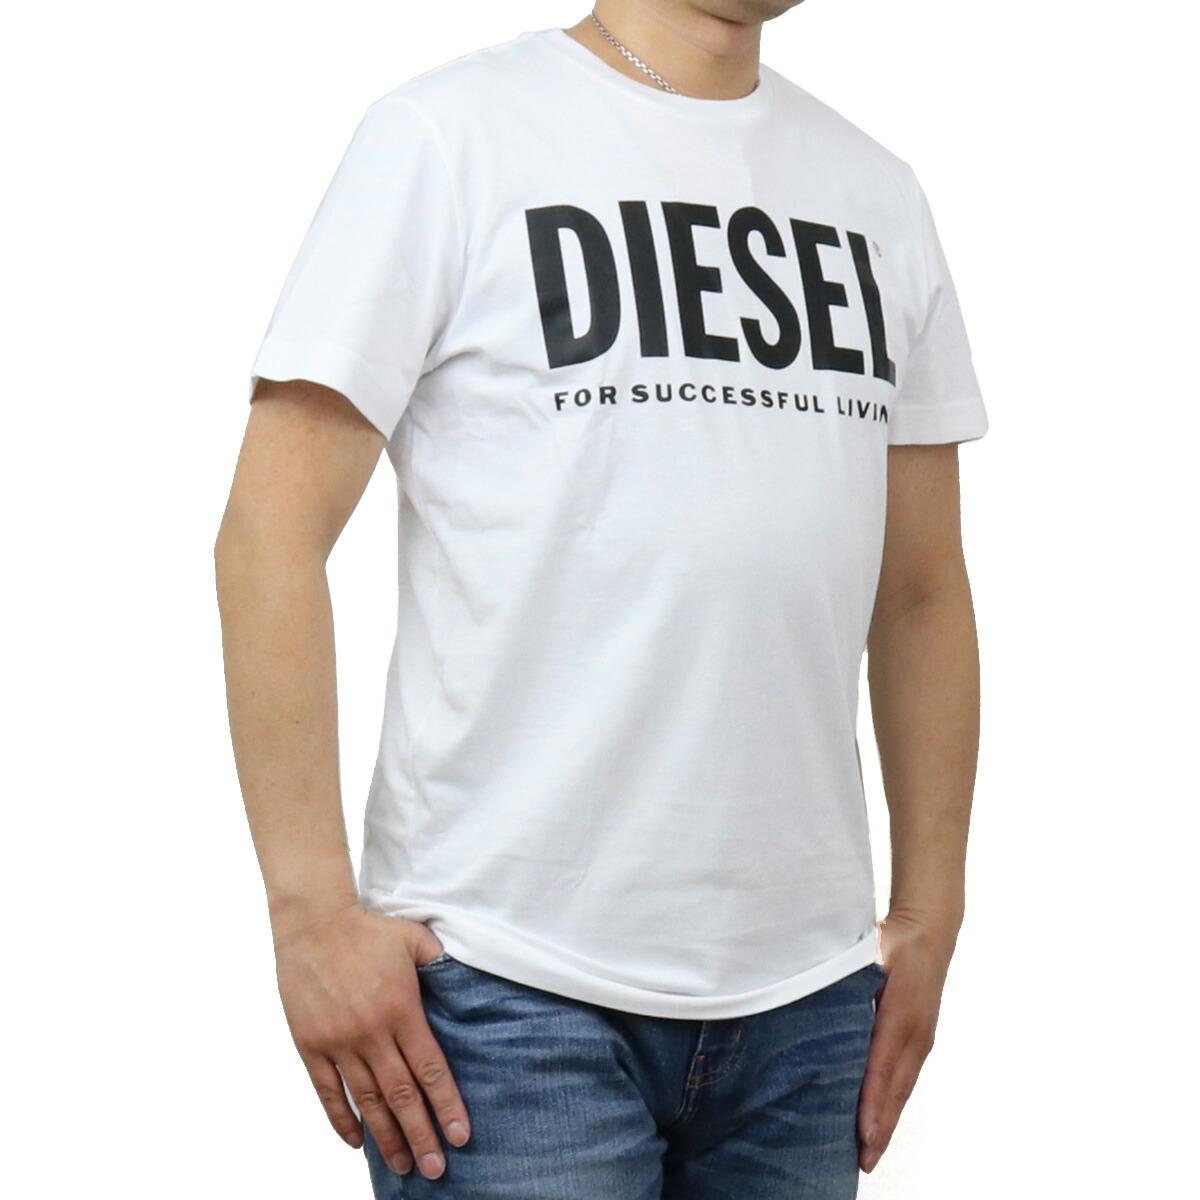 ディーゼル DIESEL メンズ-Tシャツ 00SXED 0AAXJ 100 ホワイト系 bos-43 apparel-01 ts-01 メンズ